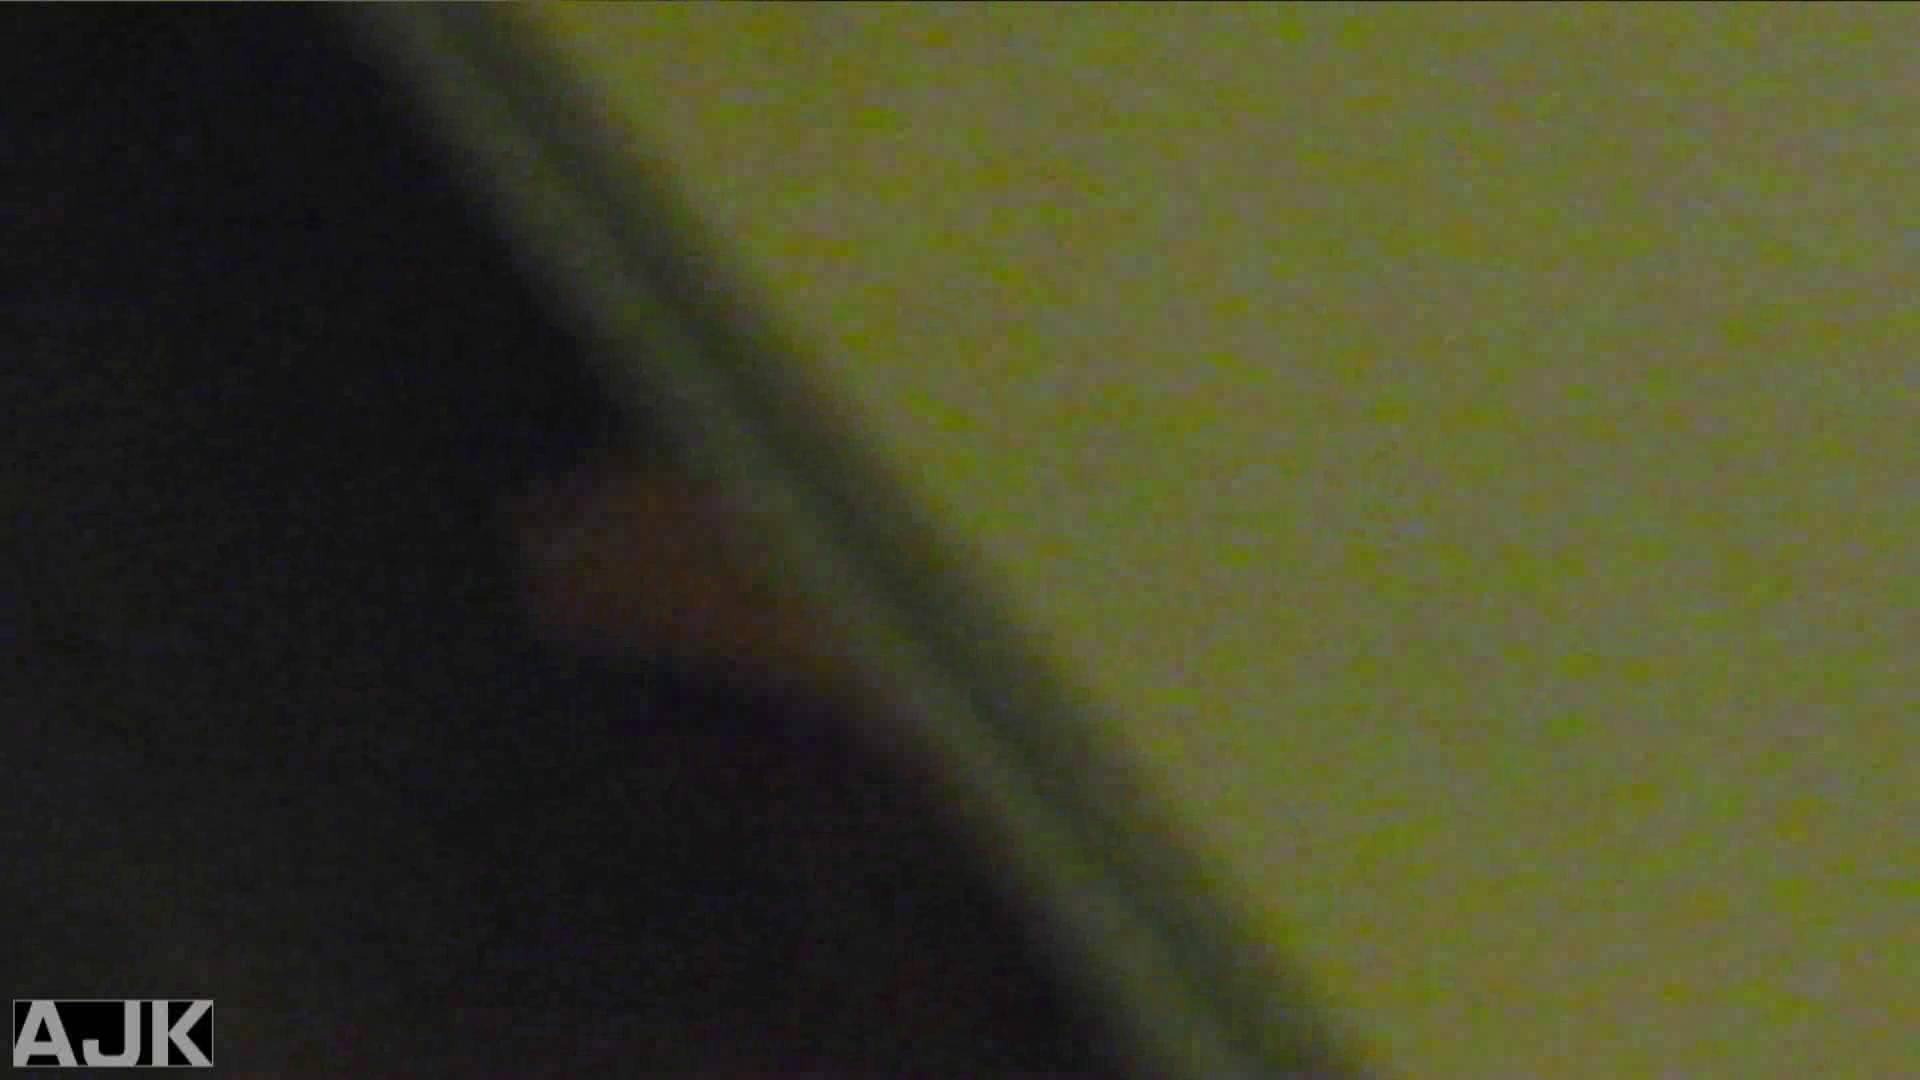 神降臨!史上最強の潜入かわや! vol.20 OL女体 AV動画キャプチャ 92連発 79